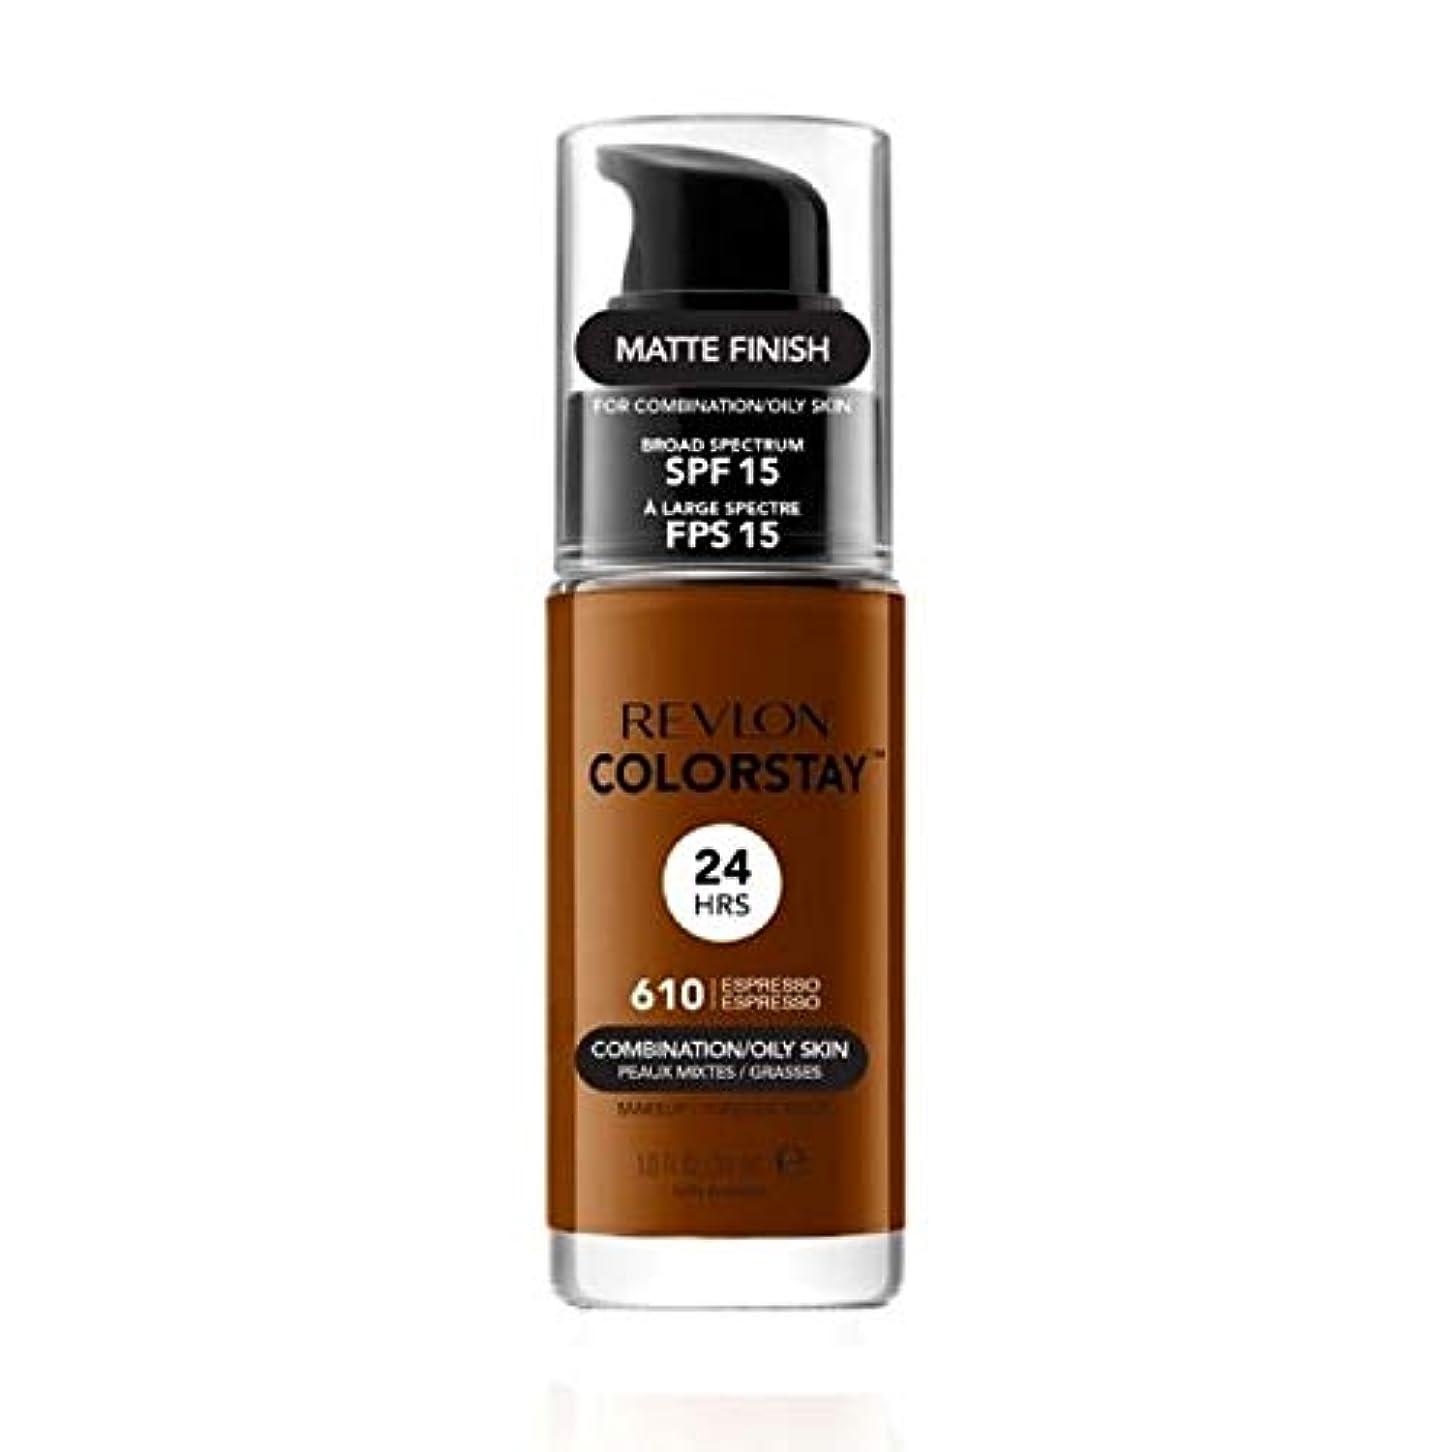 父方の火薬体現する[Revlon ] レブロンColorstayの基盤コンビオイリー肌の30ミリリットルのエスプレッソ - Revlon Colorstay Foundation Combi Oily skin 30ml Espresso...